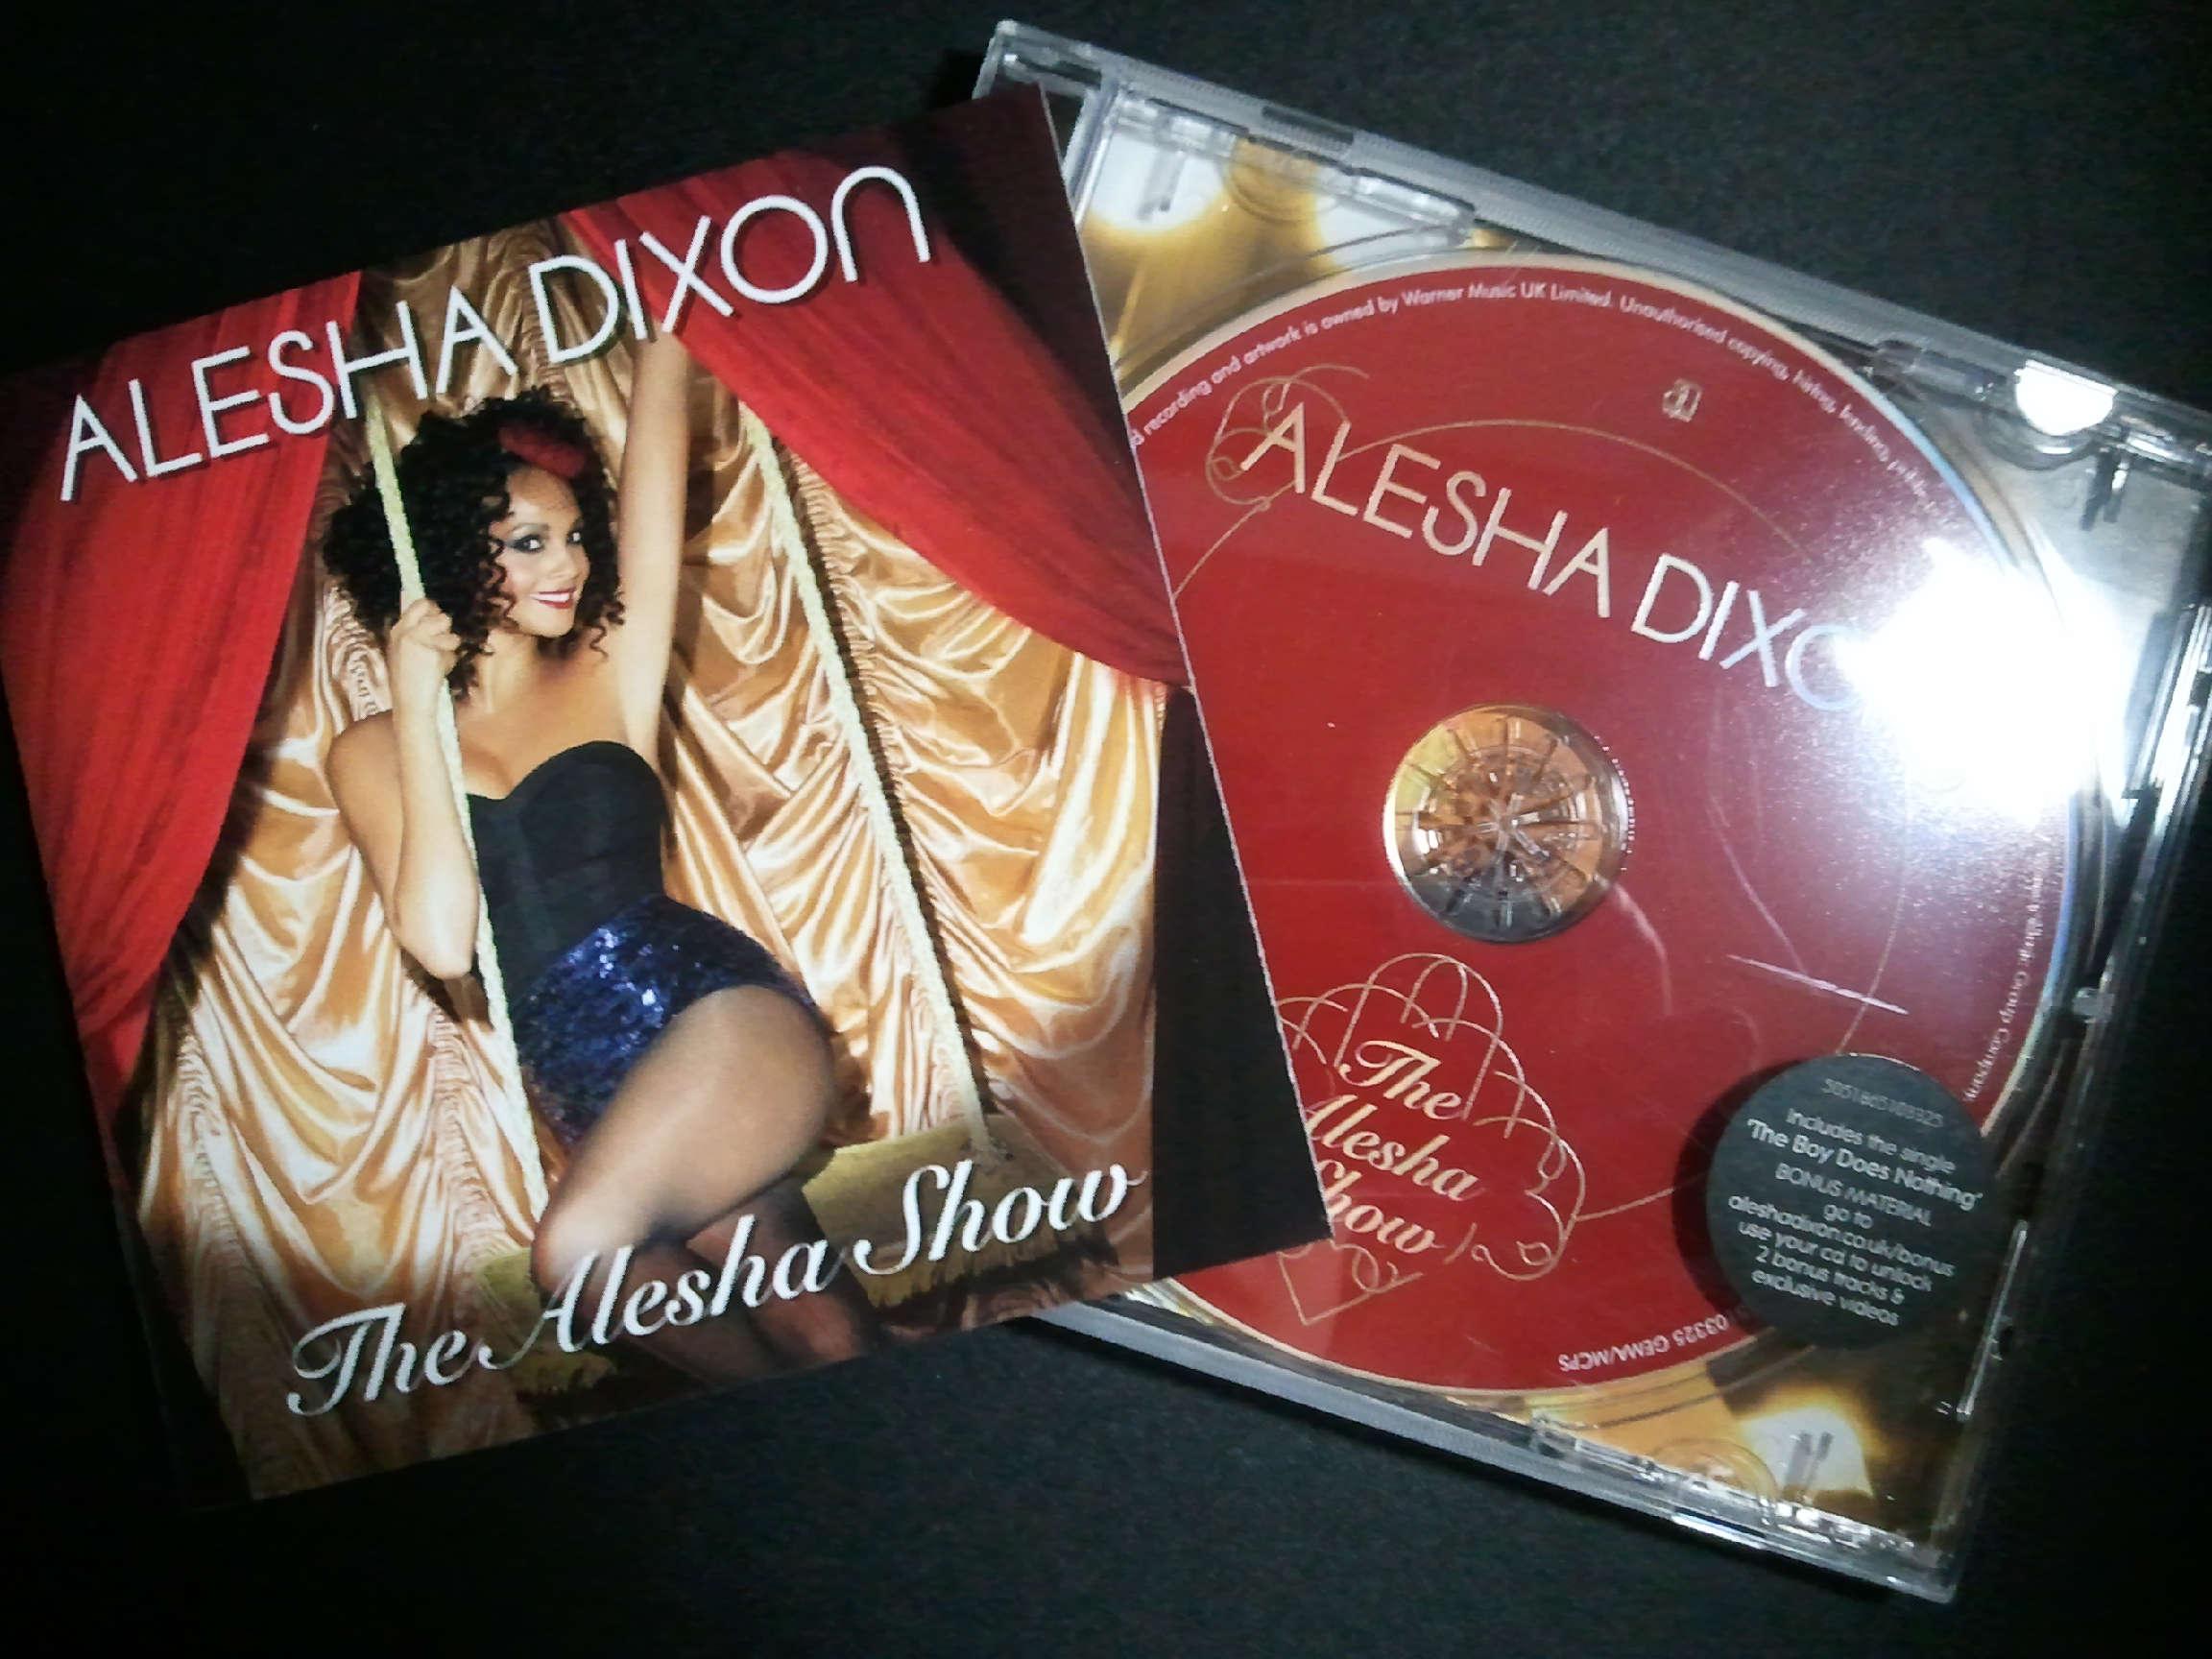 Alesha Dixon The Alesha Show